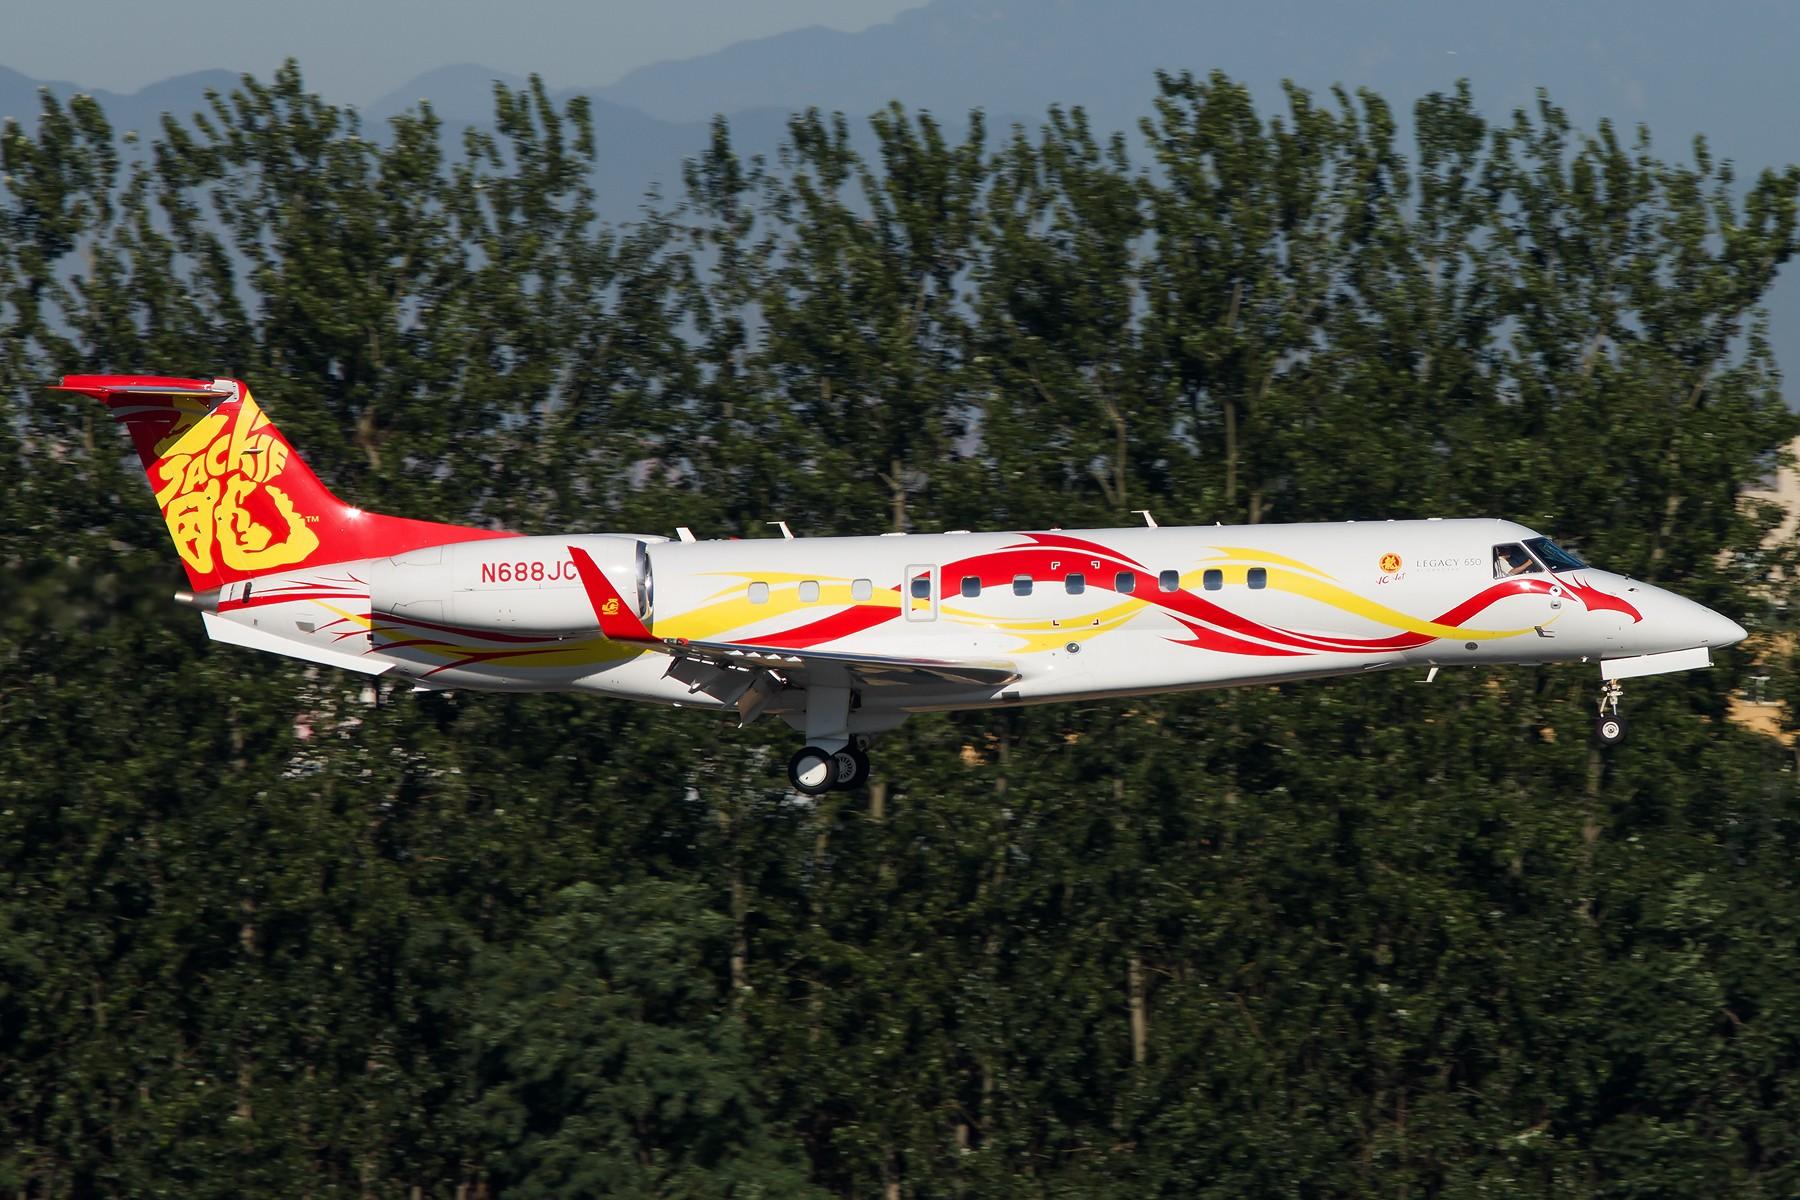 Re:[原创]周末晨练10张 1800*1200 EMBRAER EMB-135BJ LEGACY 650 N688JC 中国北京首都国际机场